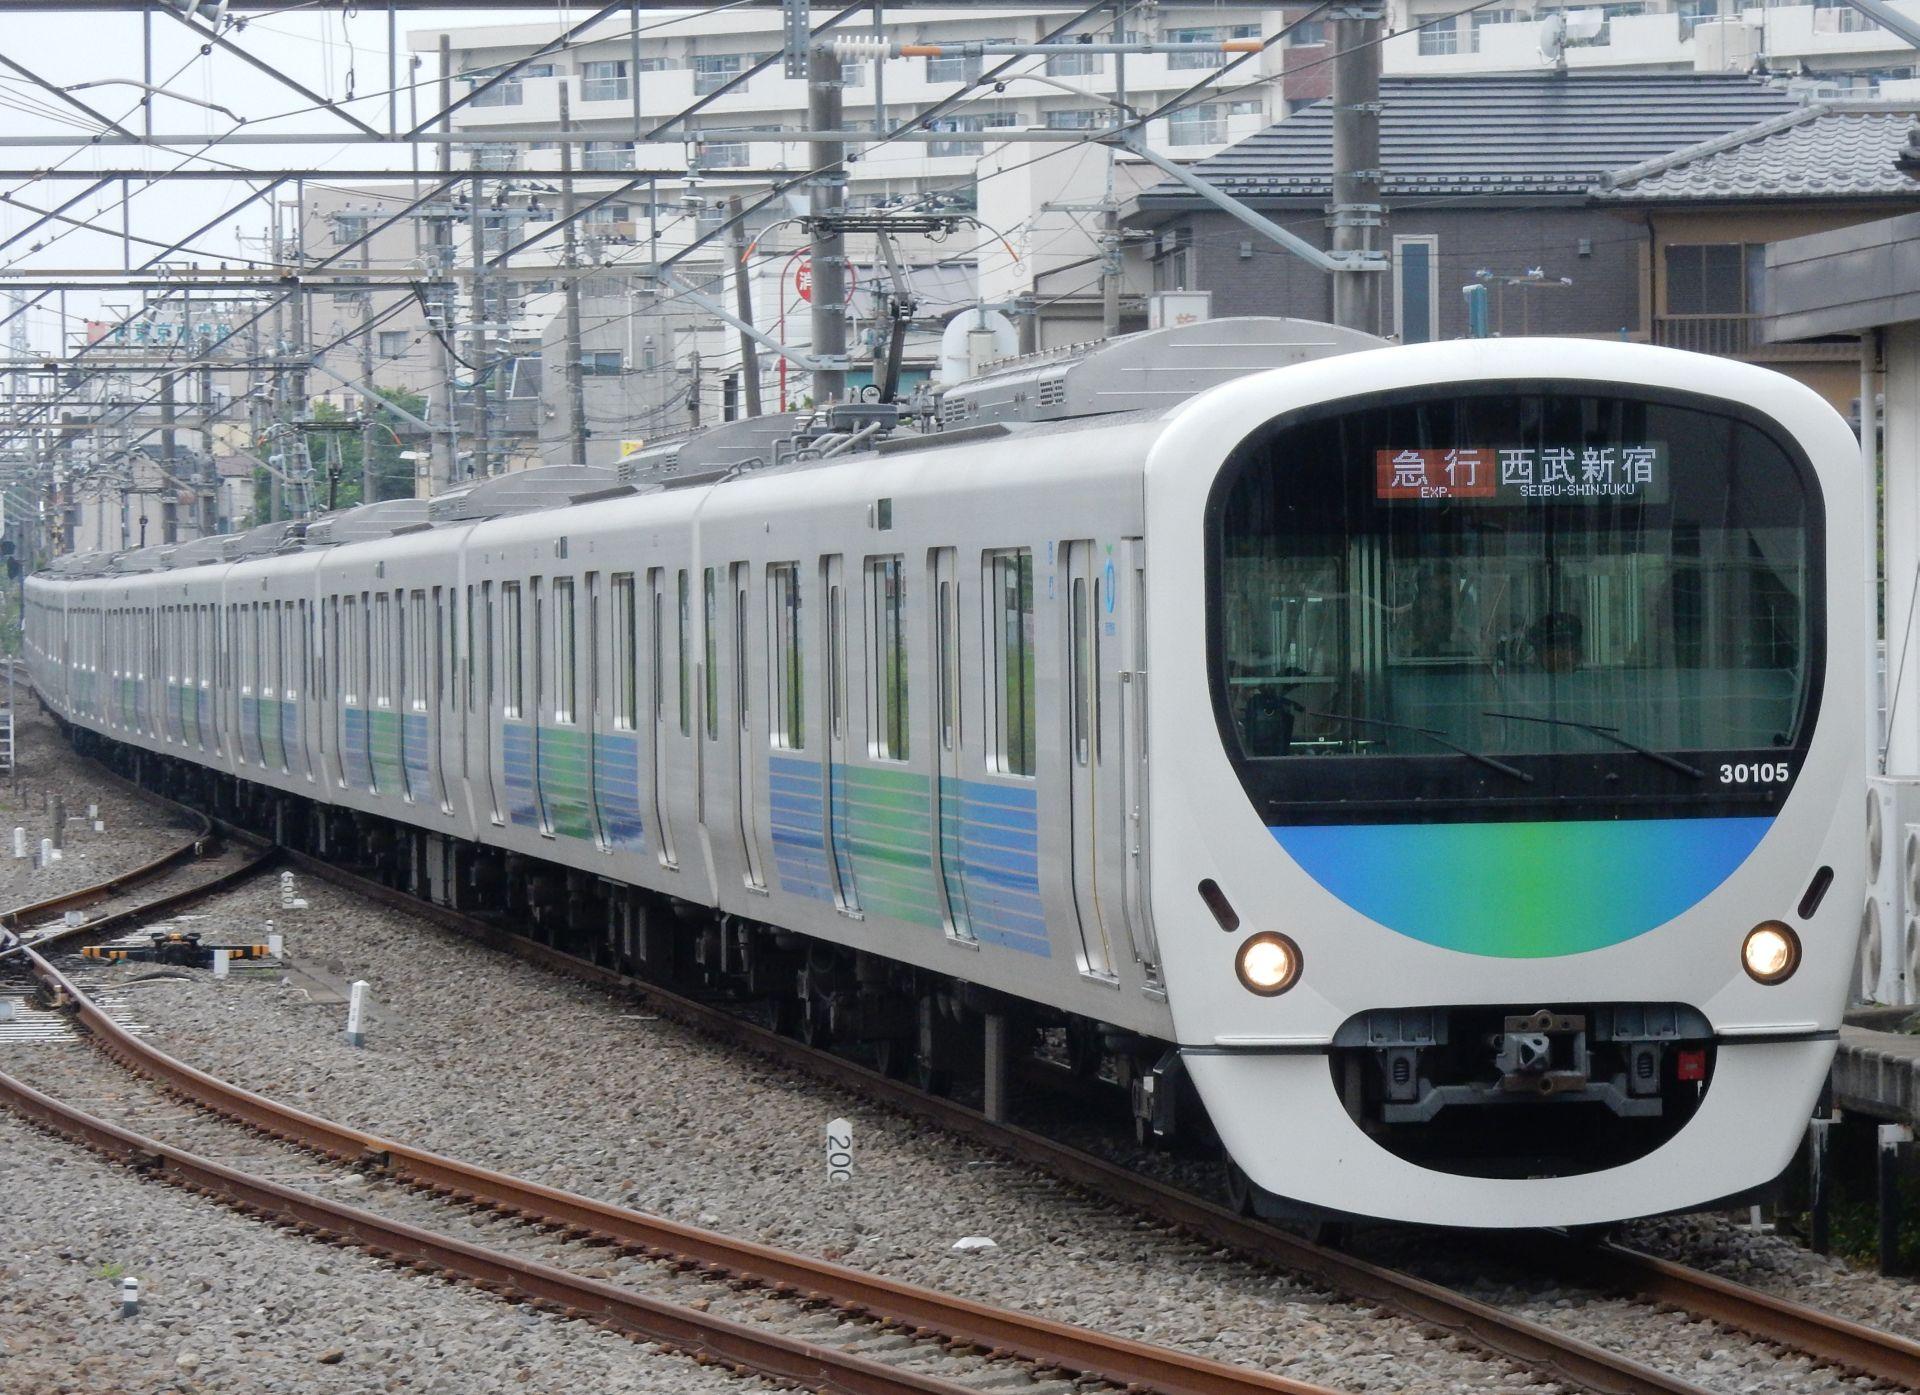 DSCN0004 - コピー